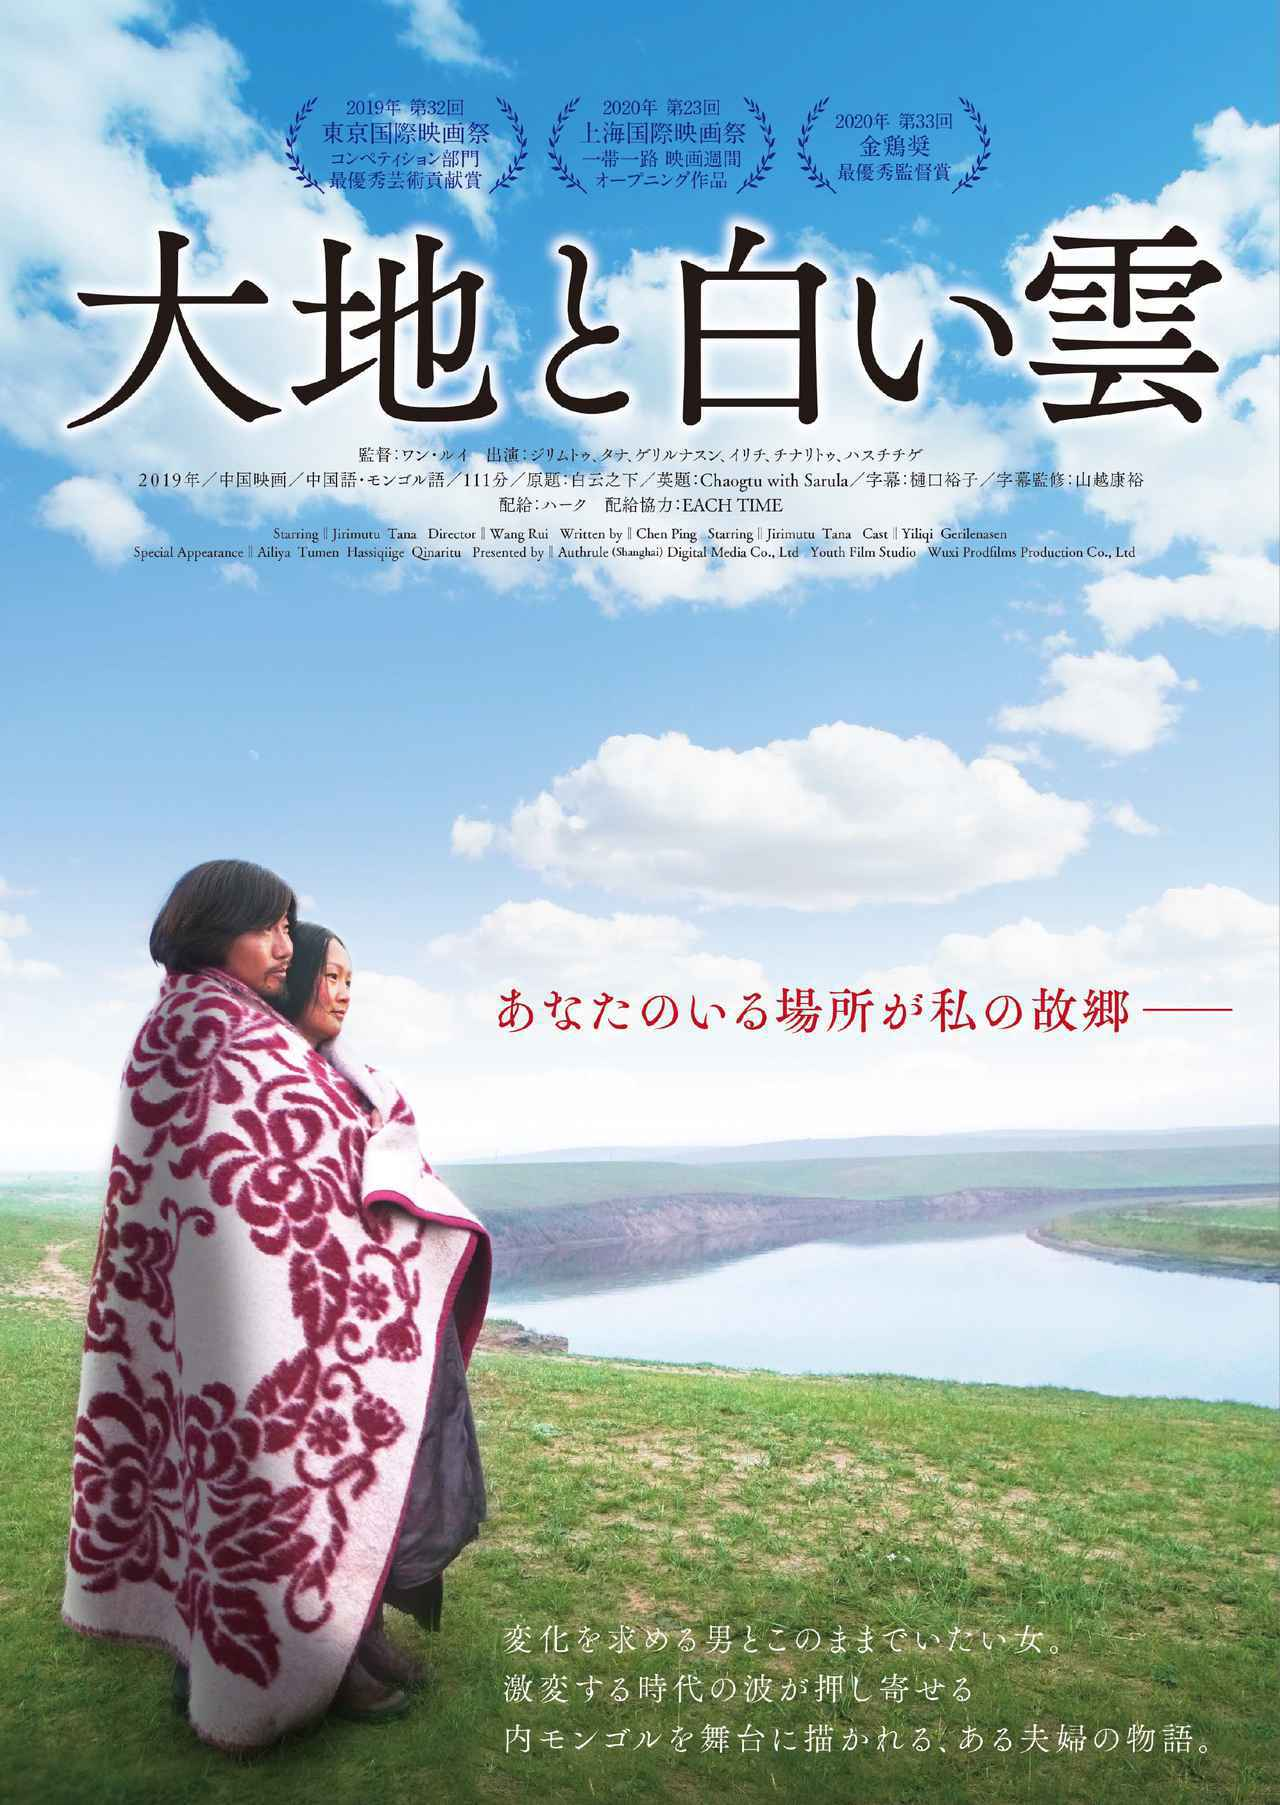 画像1: ©2019 Authrule (Shanghai) Digital Media Co.,Ltd, Youth Film Studio All Rights Reserved.